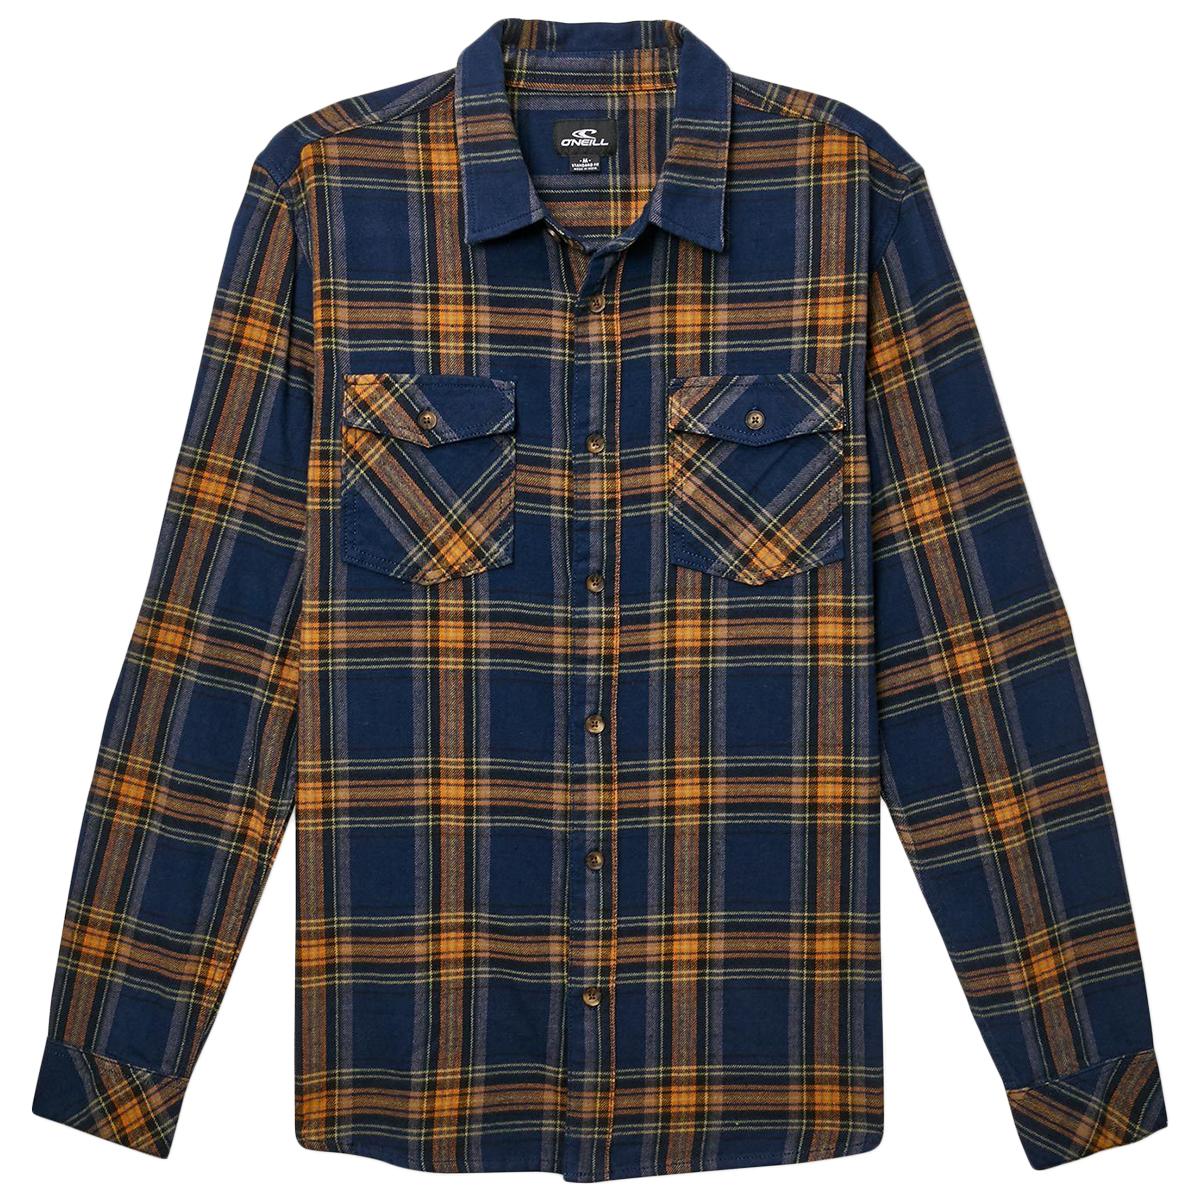 O'neill Men's Highland Flannel Shirt - Blue, M